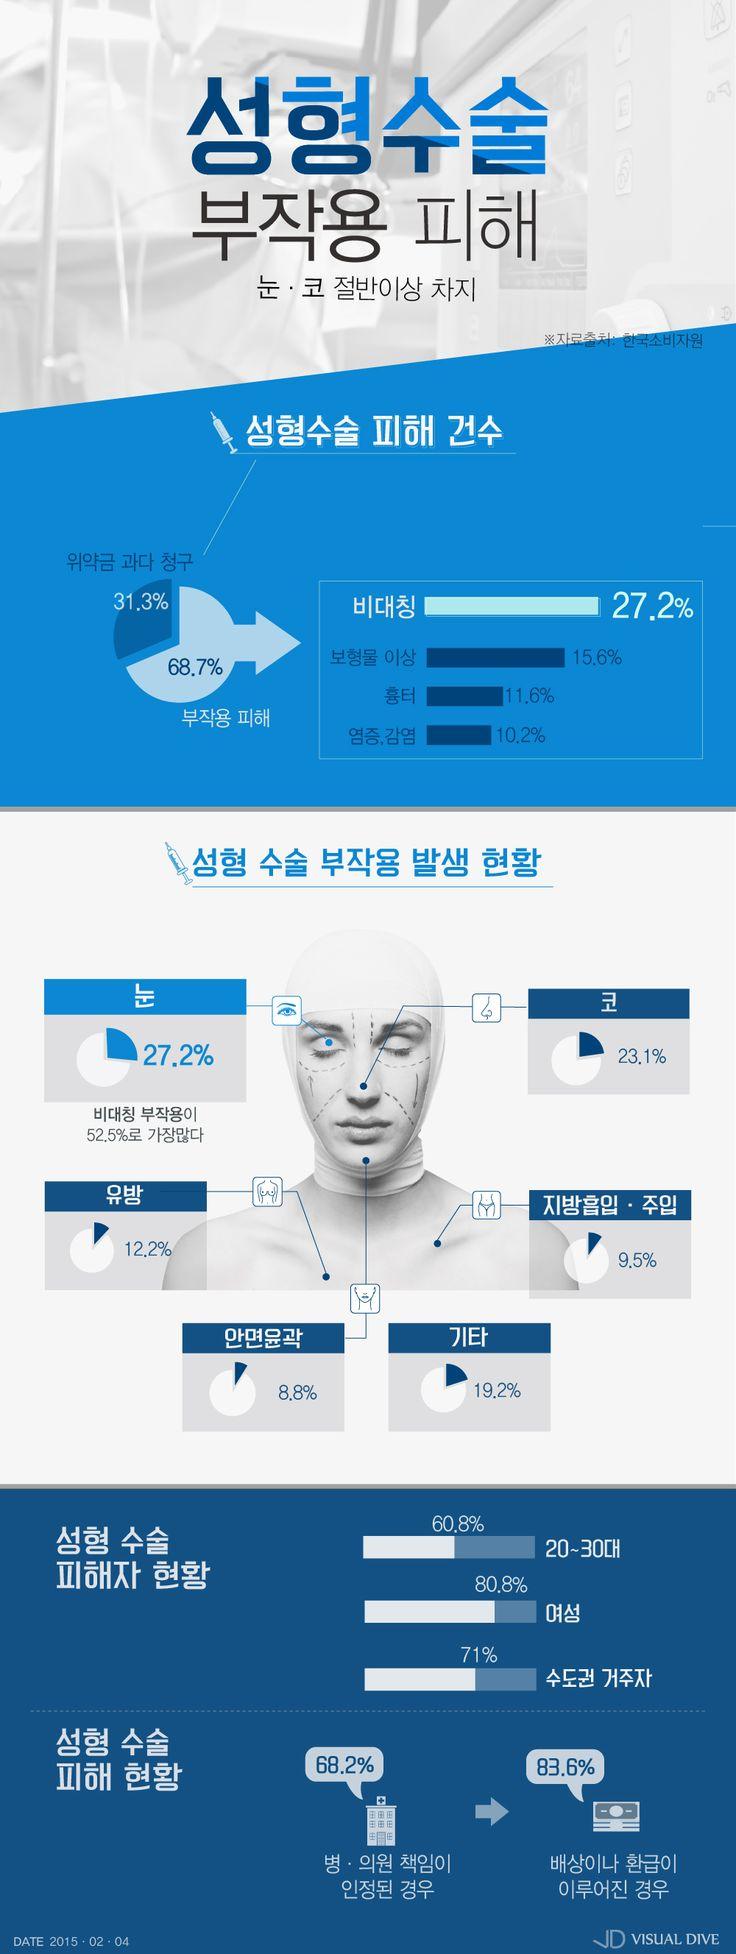 성형수술 부작용 '비대칭' 가장 많아 [인포그래픽] #plastic surgery / #Infographic ⓒ 비주얼다이브 무단 복사·전재·재배포 금지